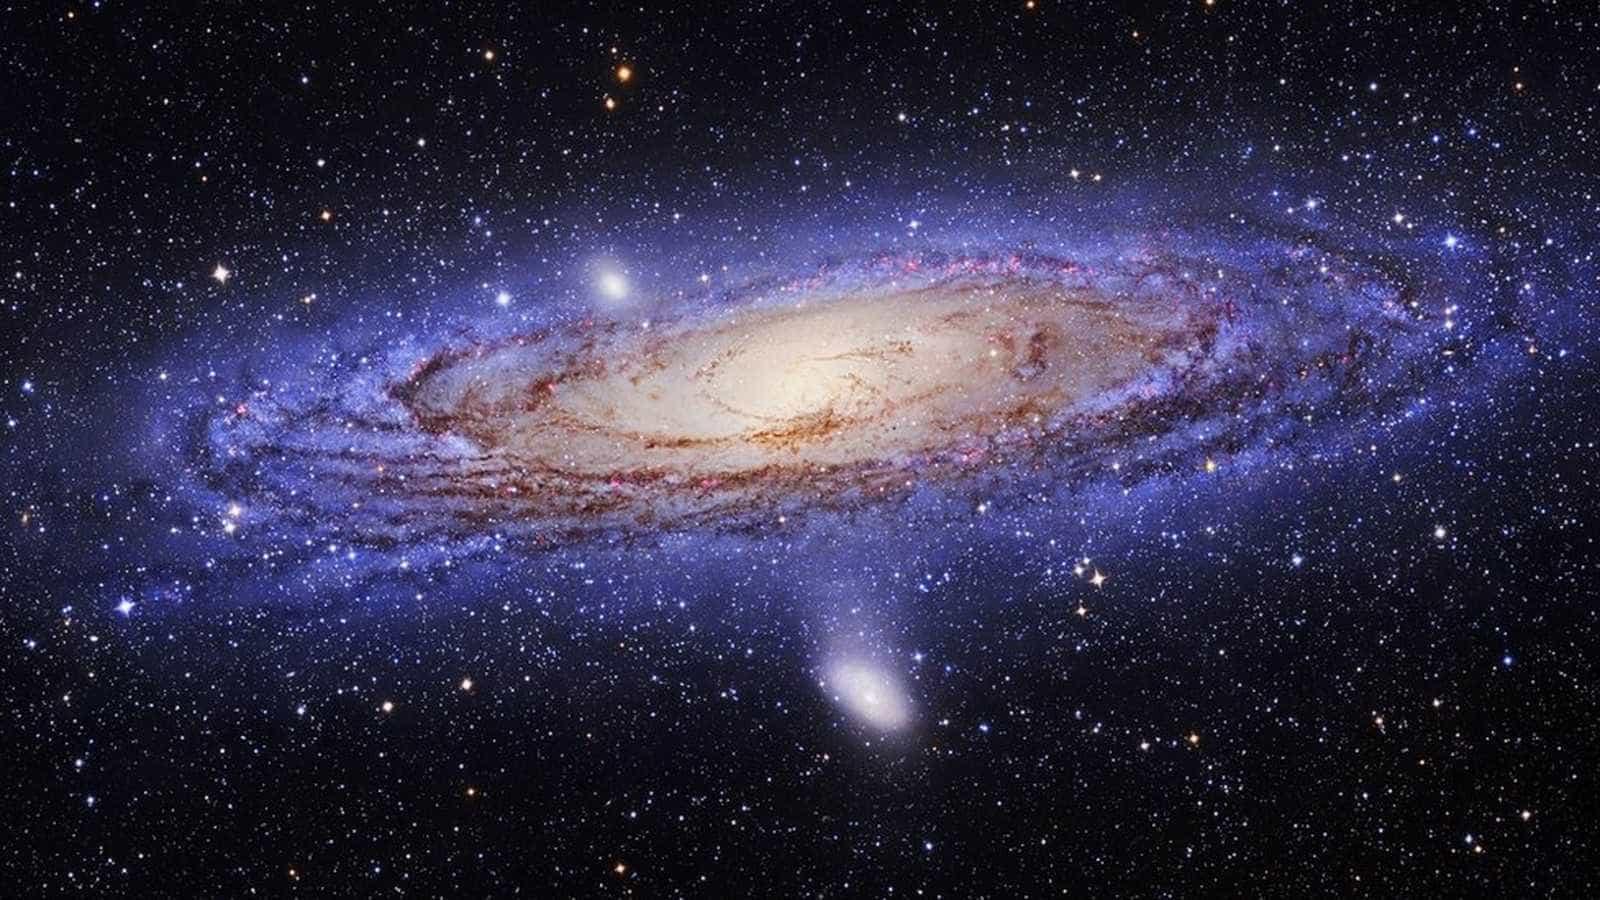 Galáxia 'irmã' da Via Láctea foi engolida por Andrômeda, diz estudo